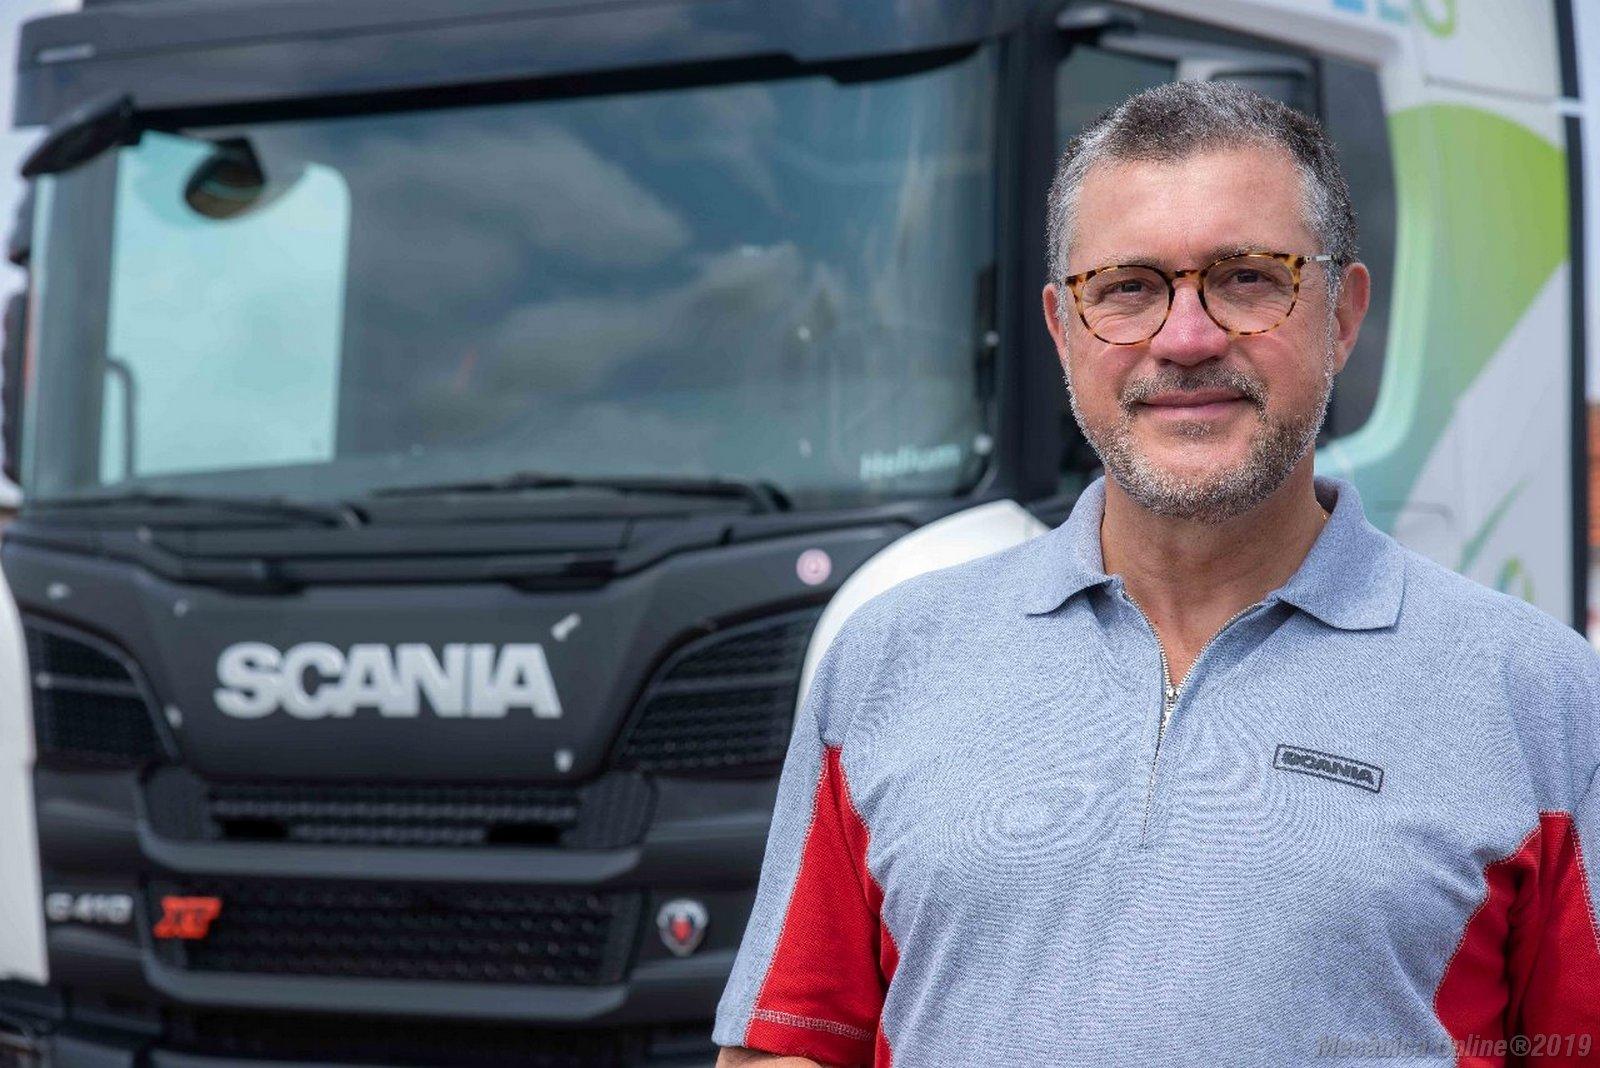 Silvio Munhoz, diretor comercial da Scania no Brasil